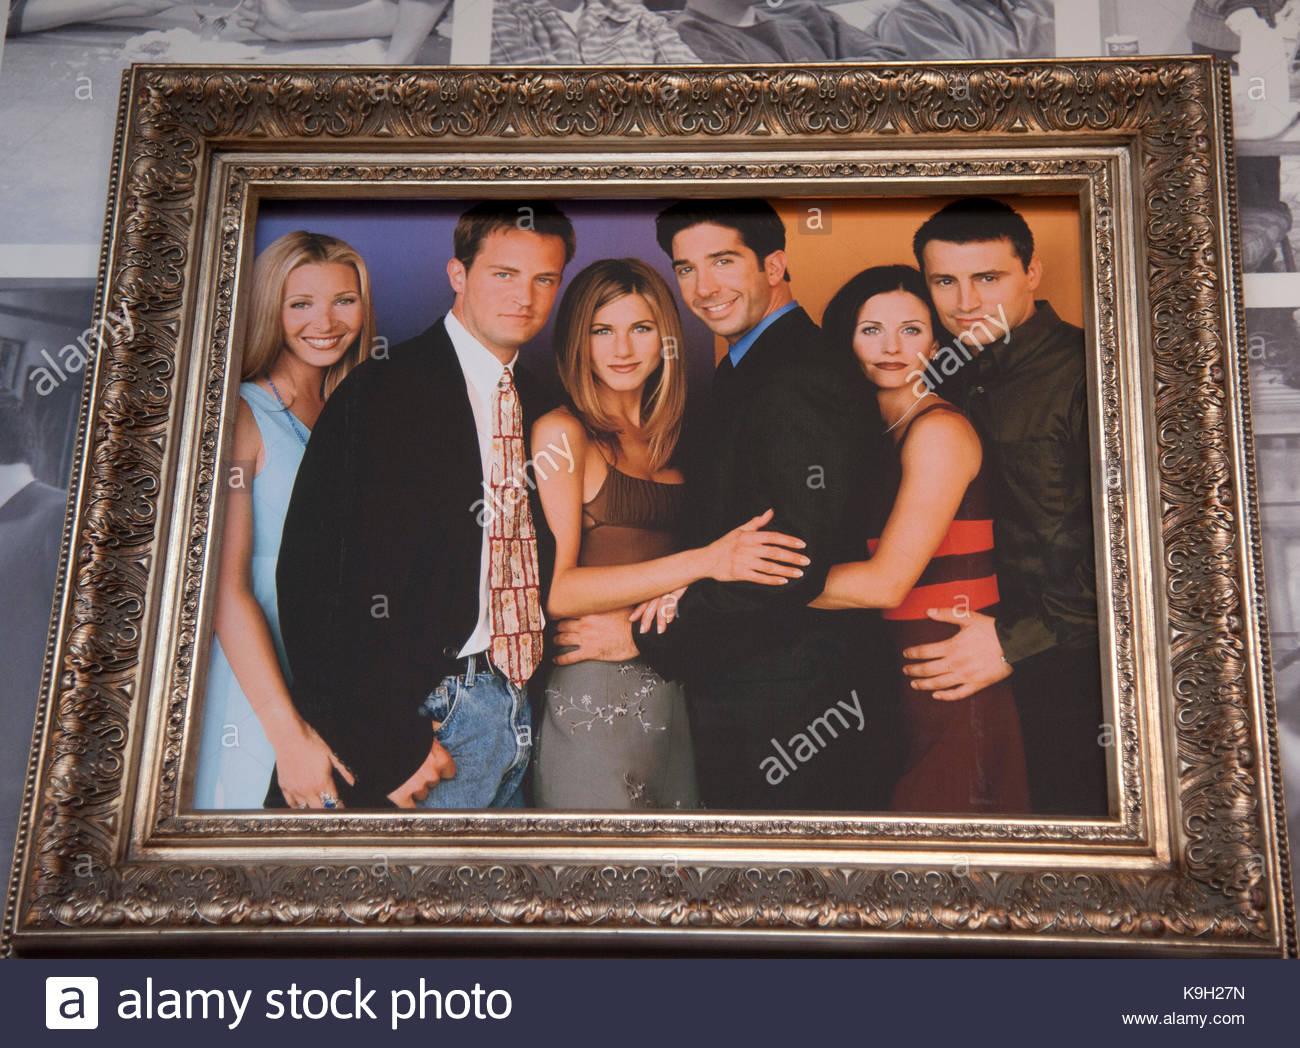 Fantastisch Freunde Tv Show Frame Zeitgenössisch ...